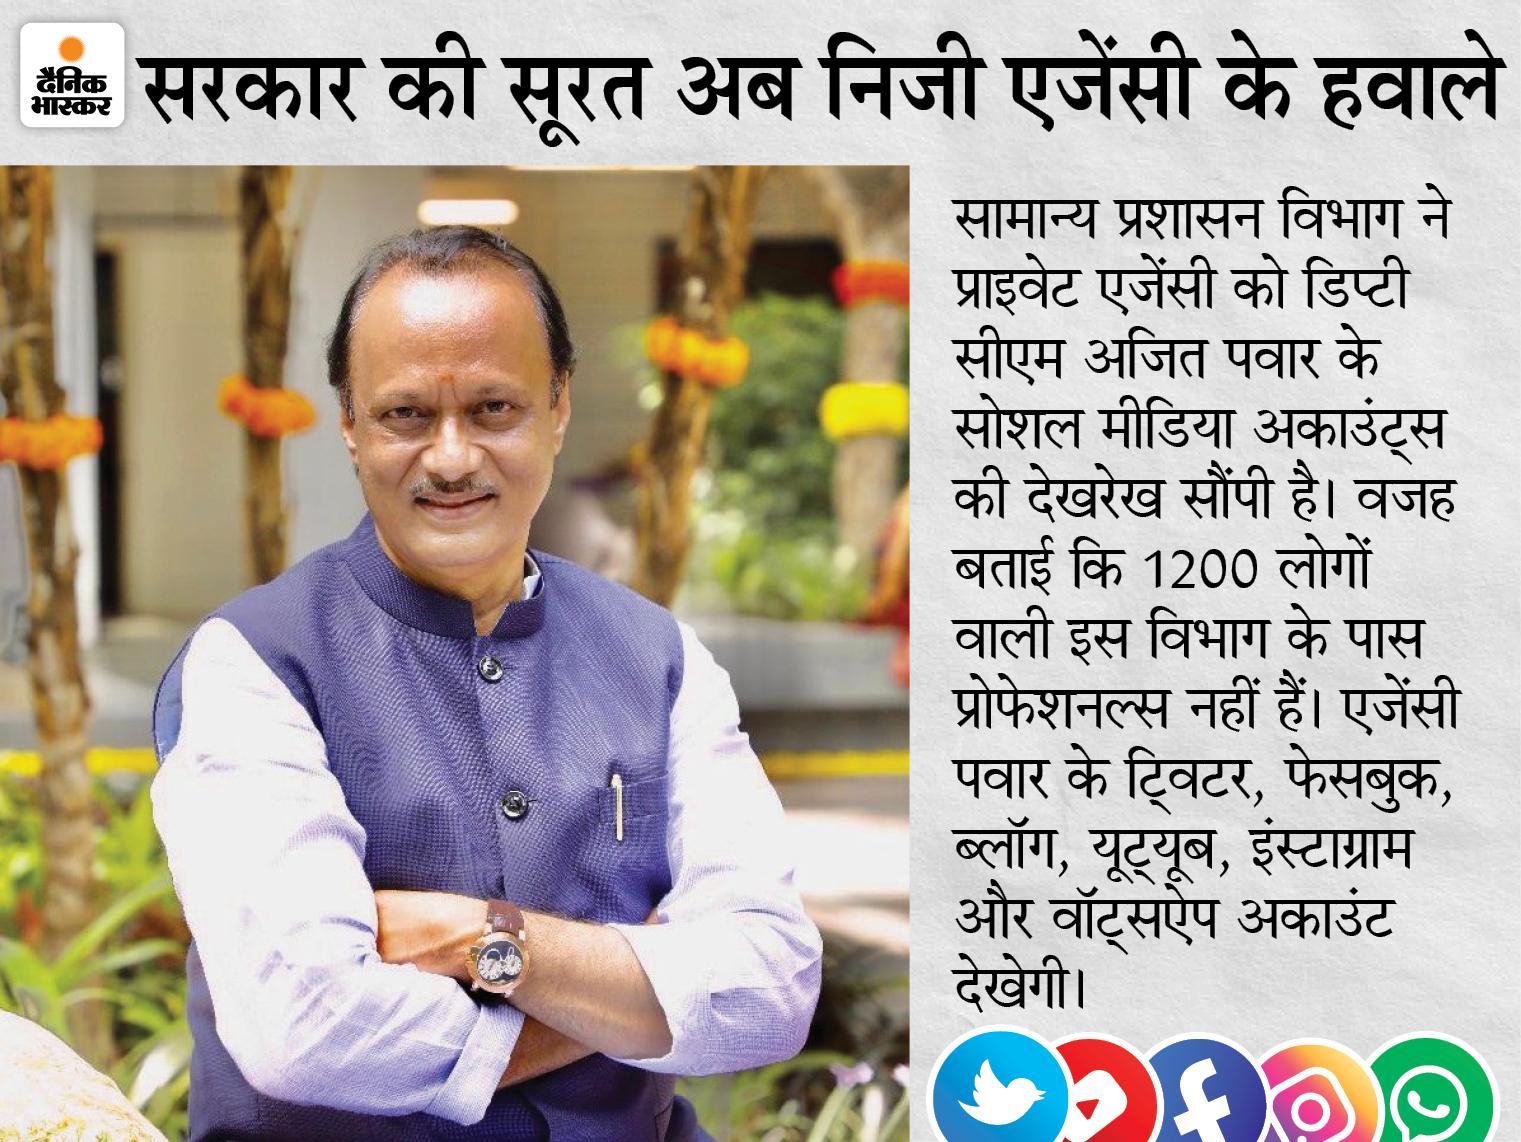 अजित पवार के सोशल मीडिया अकाउंट्स का काम निजी कंपनी को दिया गया, आलोचना के बाद डिप्टी CM ने बदला अपना फैसला महाराष्ट्र,Maharashtra - Dainik Bhaskar